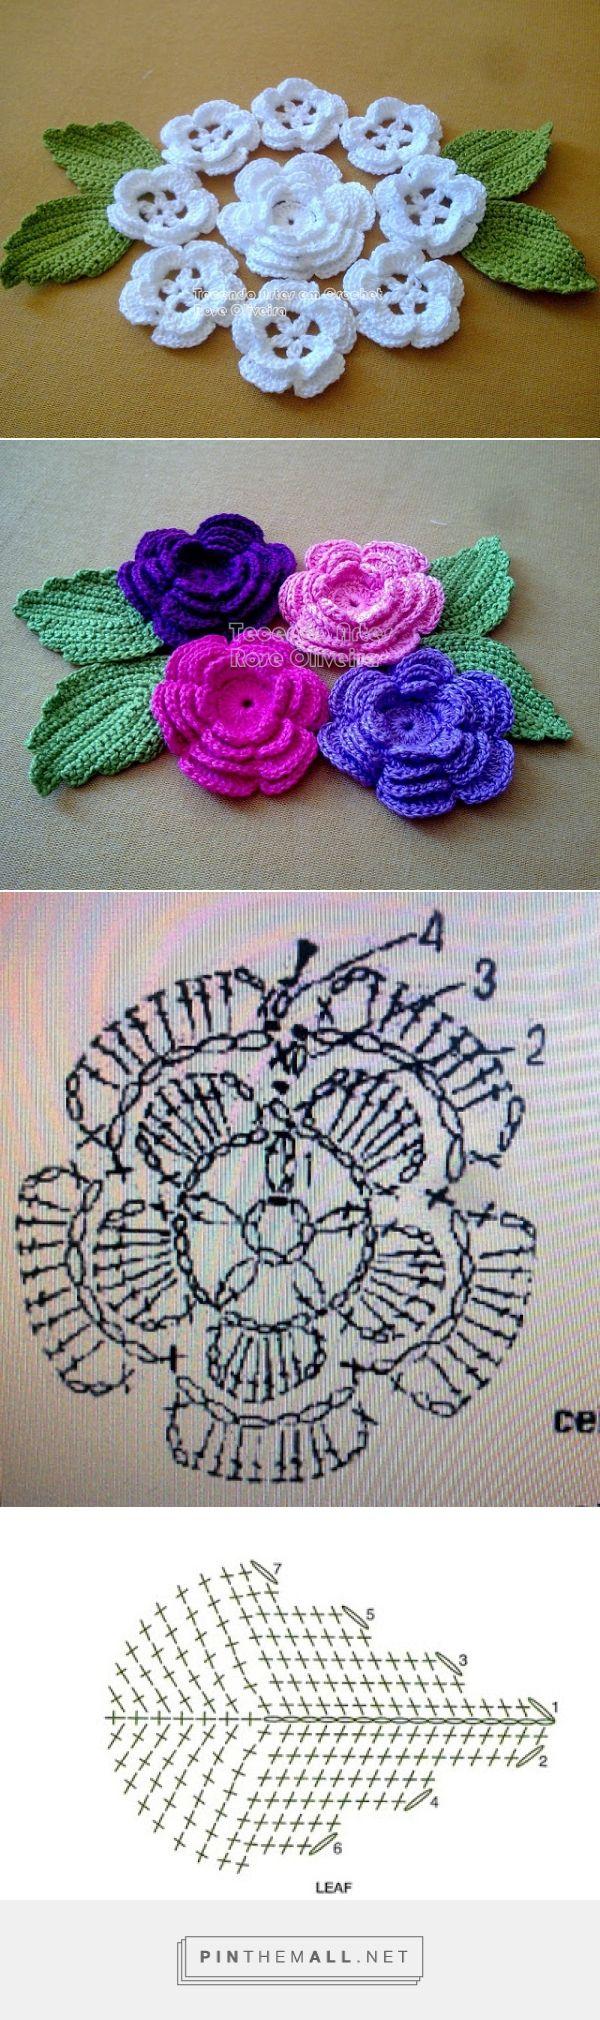 Tecendo Artes em Crochet: Composição com Flores - created via http://pinthemall.net